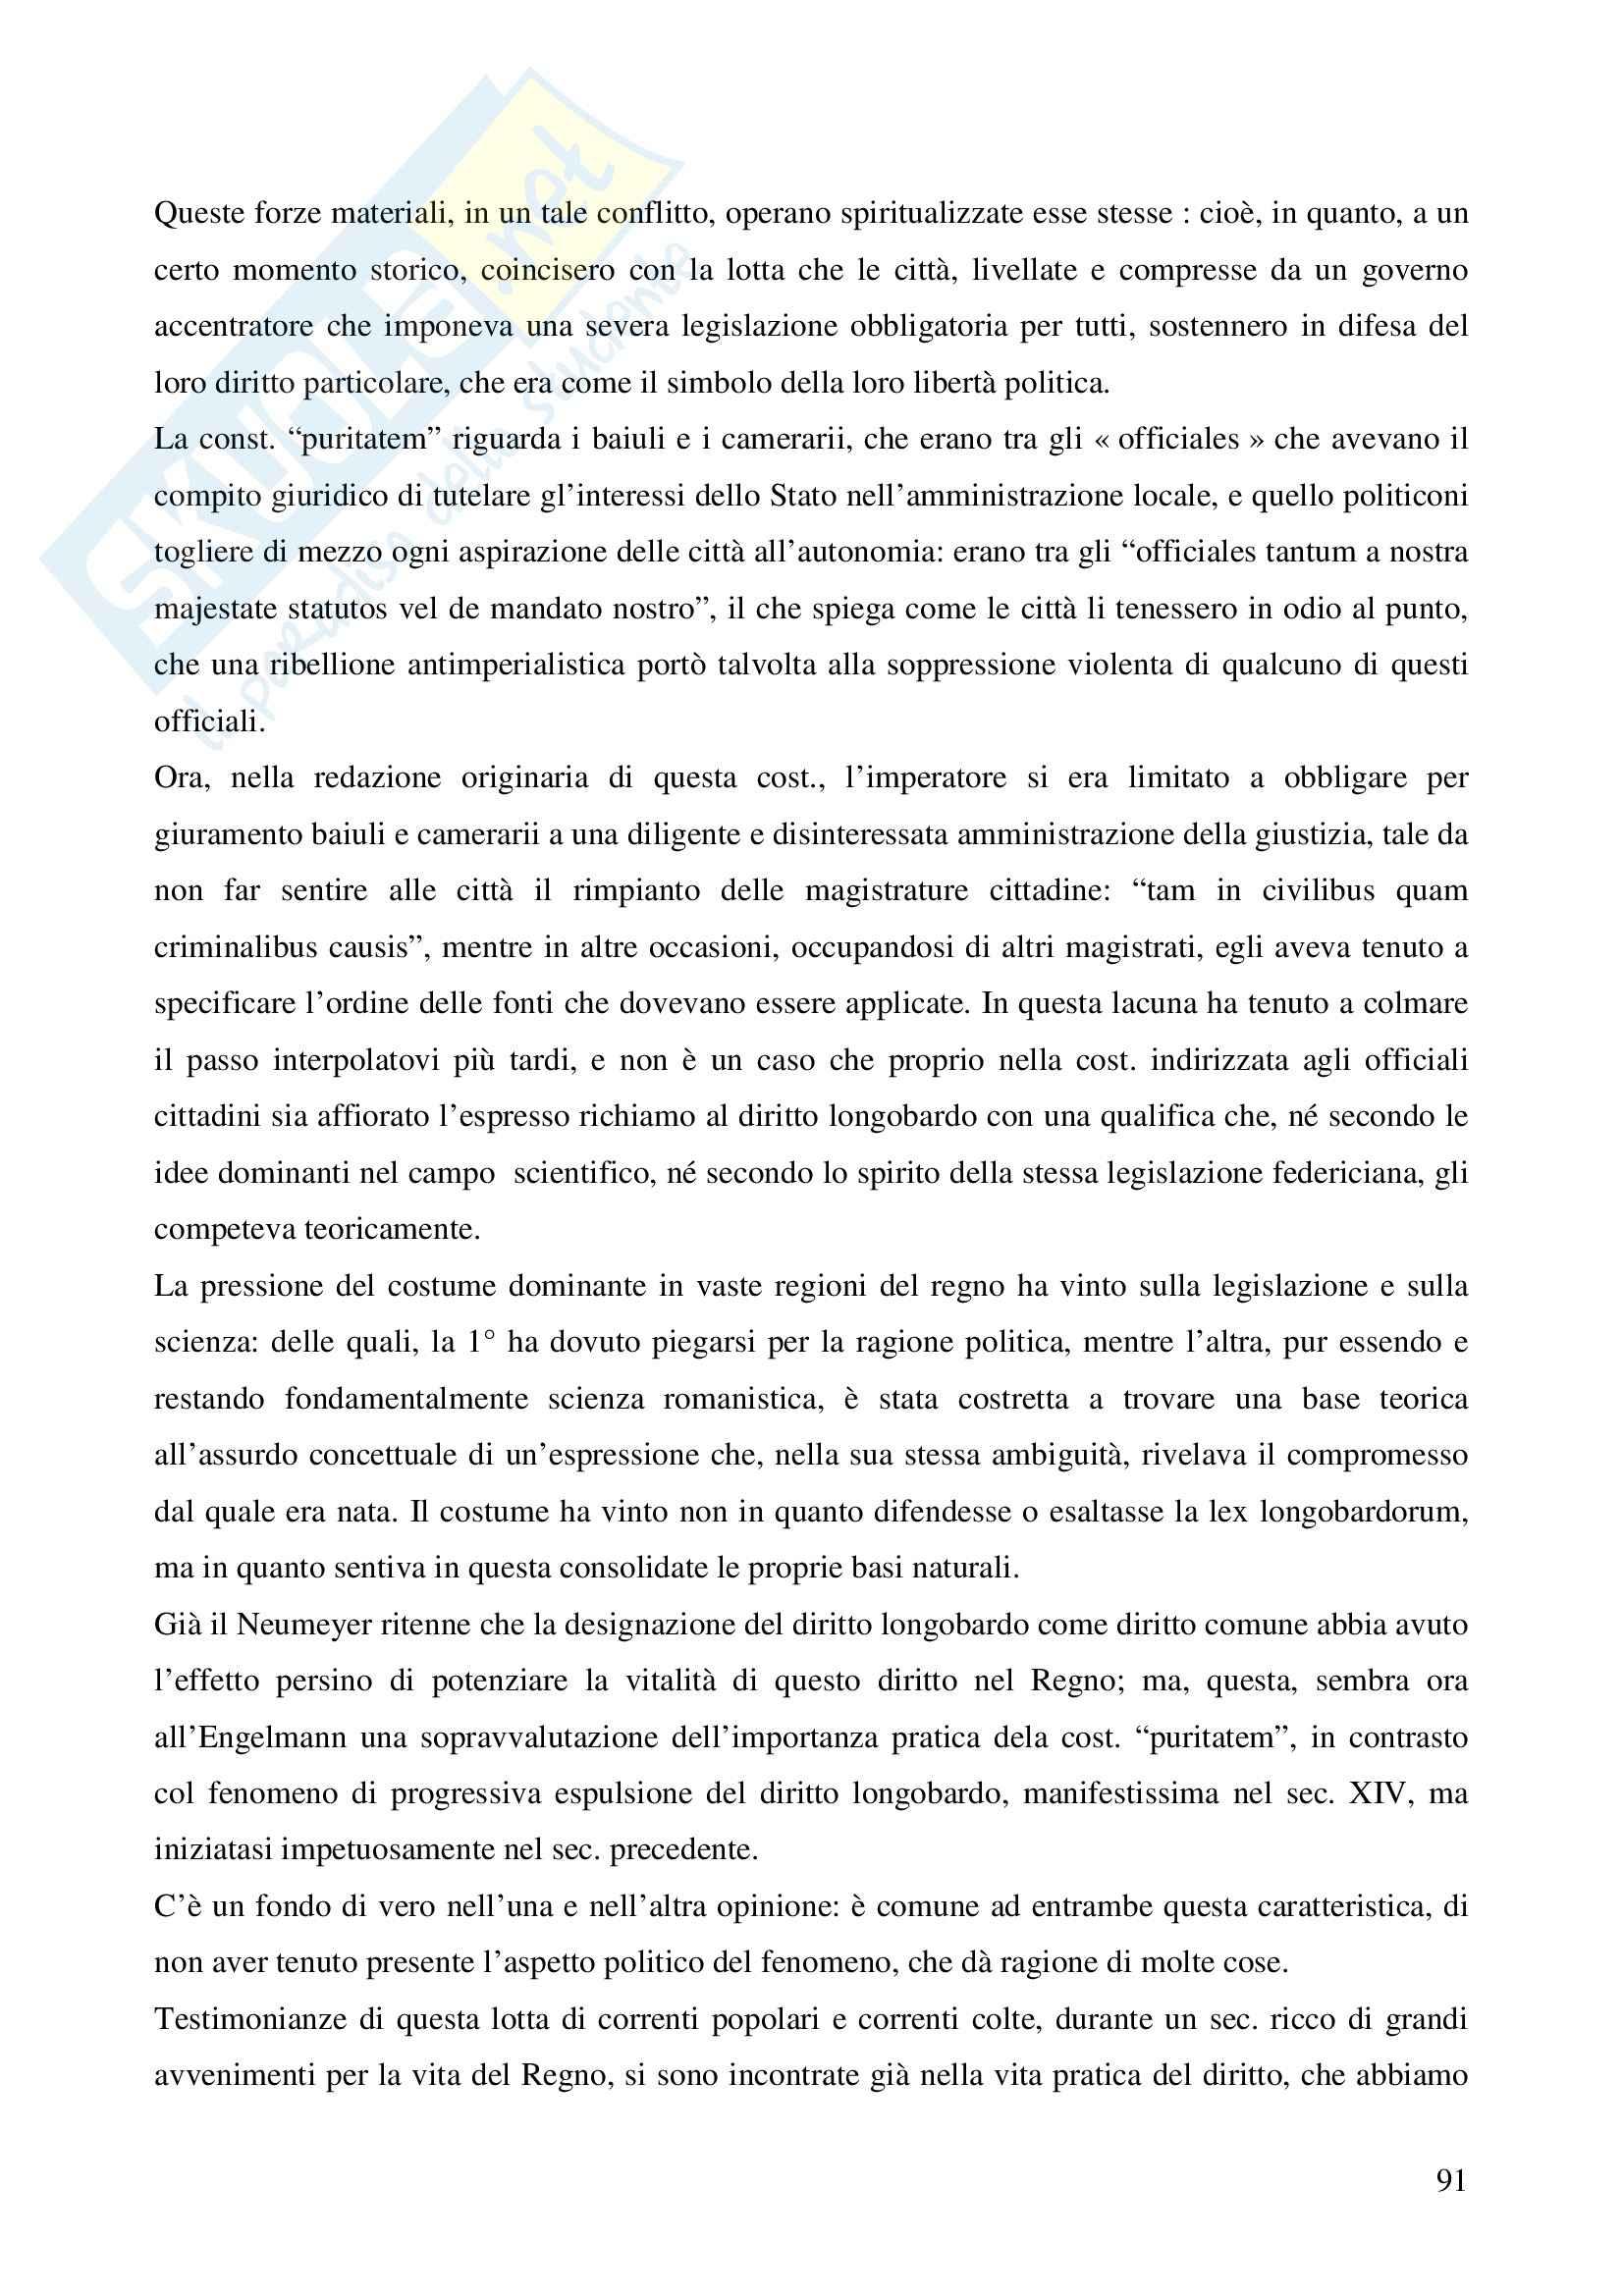 Diritto comune - Calasso - Appunti Pag. 91